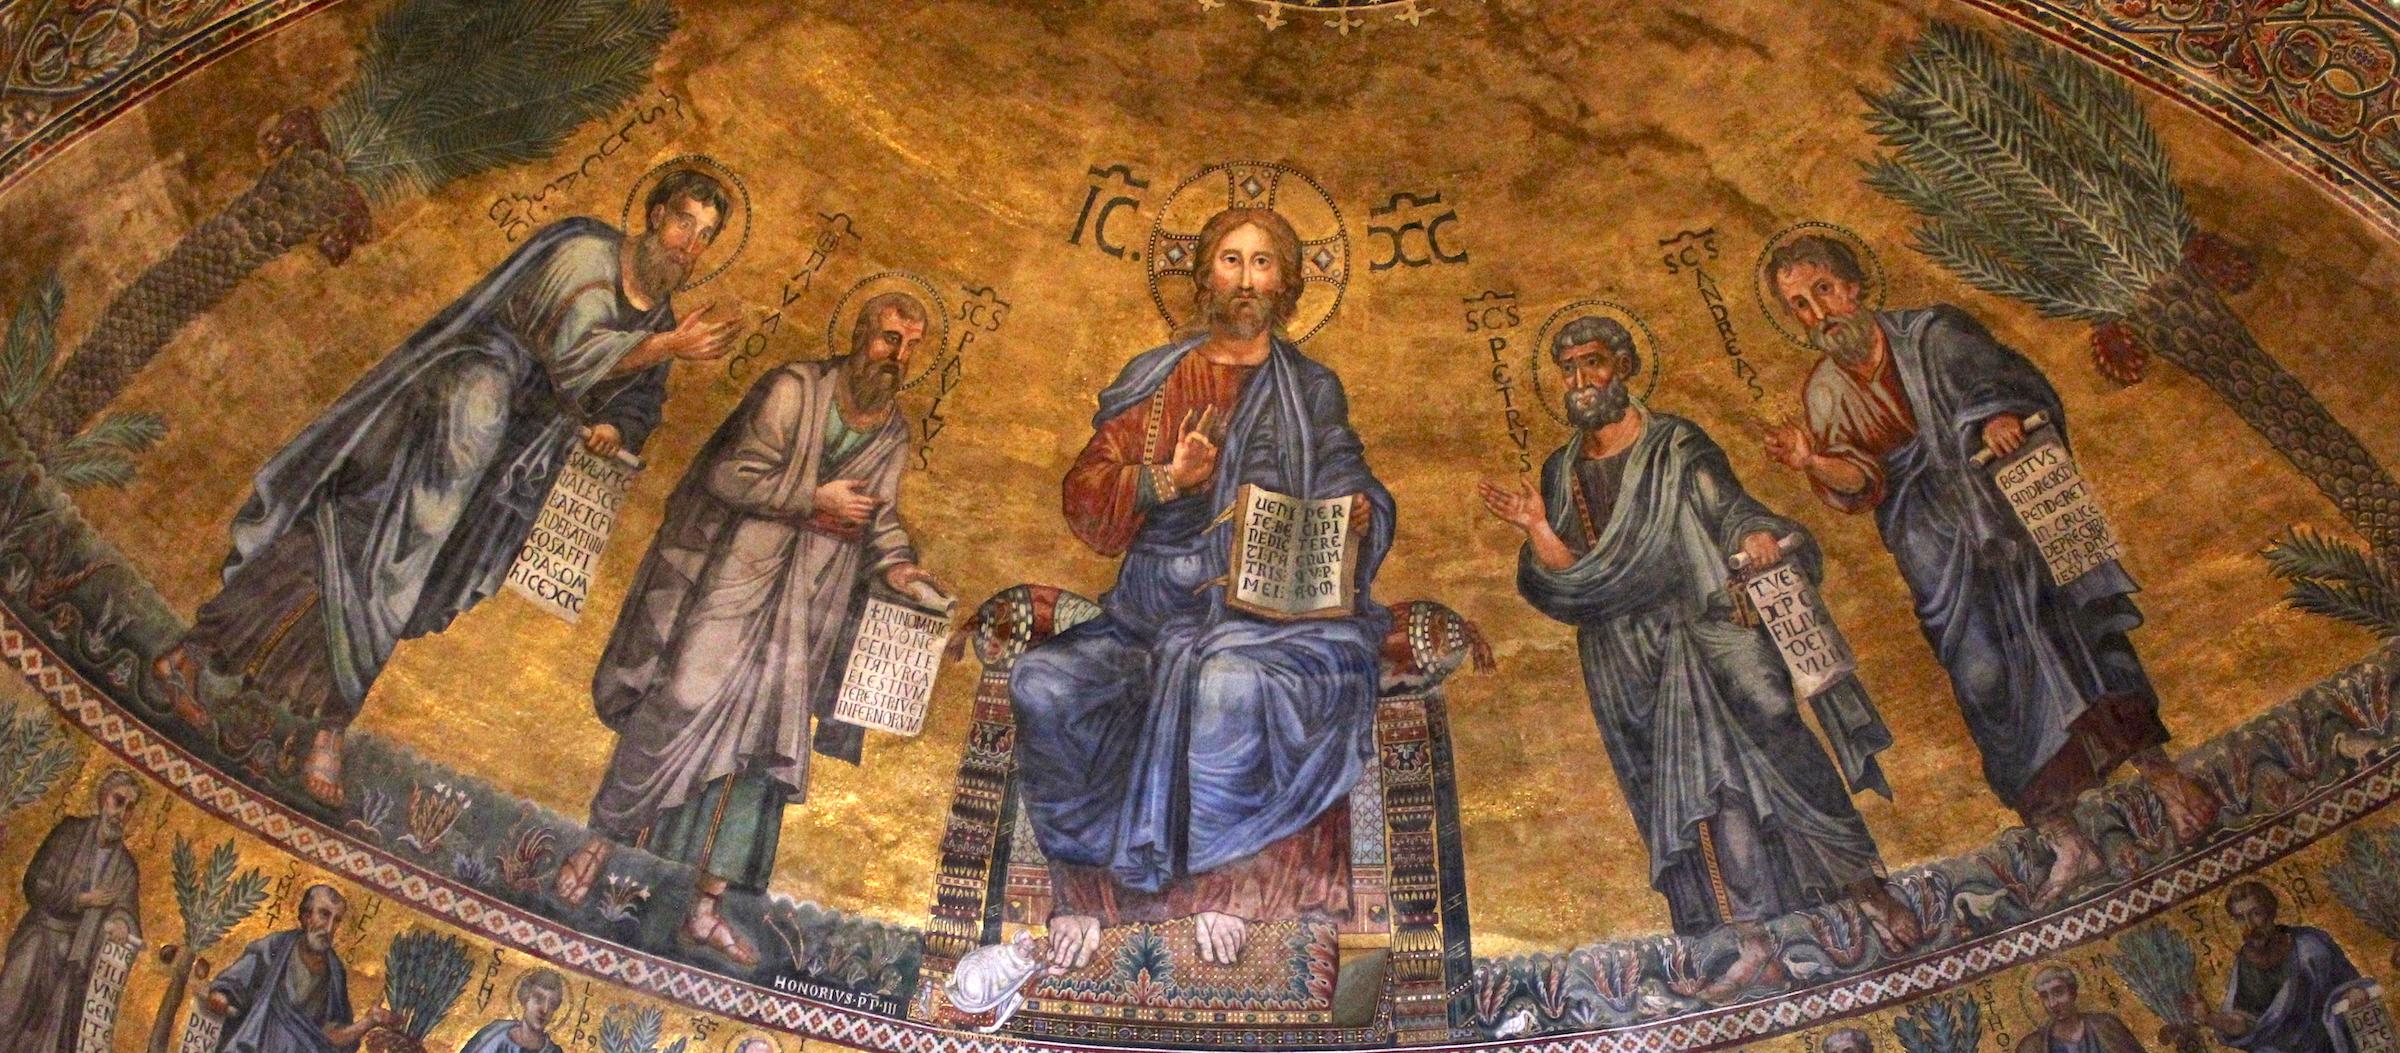 Homily from Aug. 1, 2021: Seek Jesus